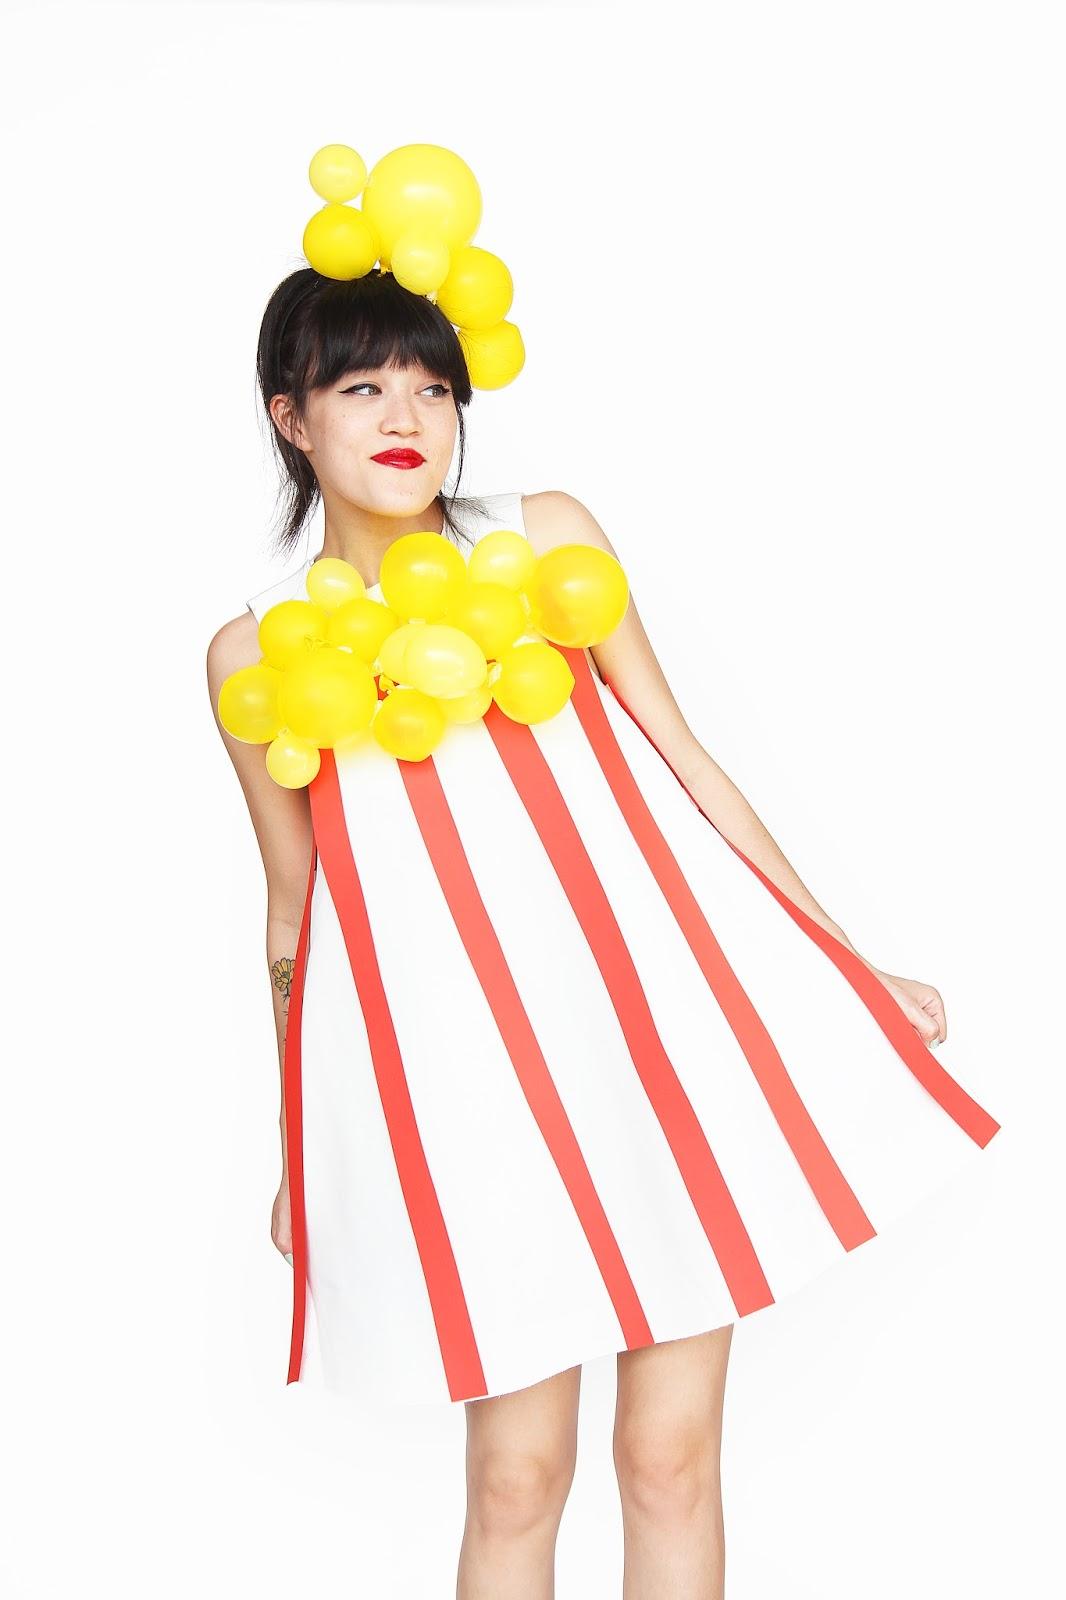 20 Best Kids Halloween Costumes | Food halloween costumes ... |Diy Halloween Costumes Food